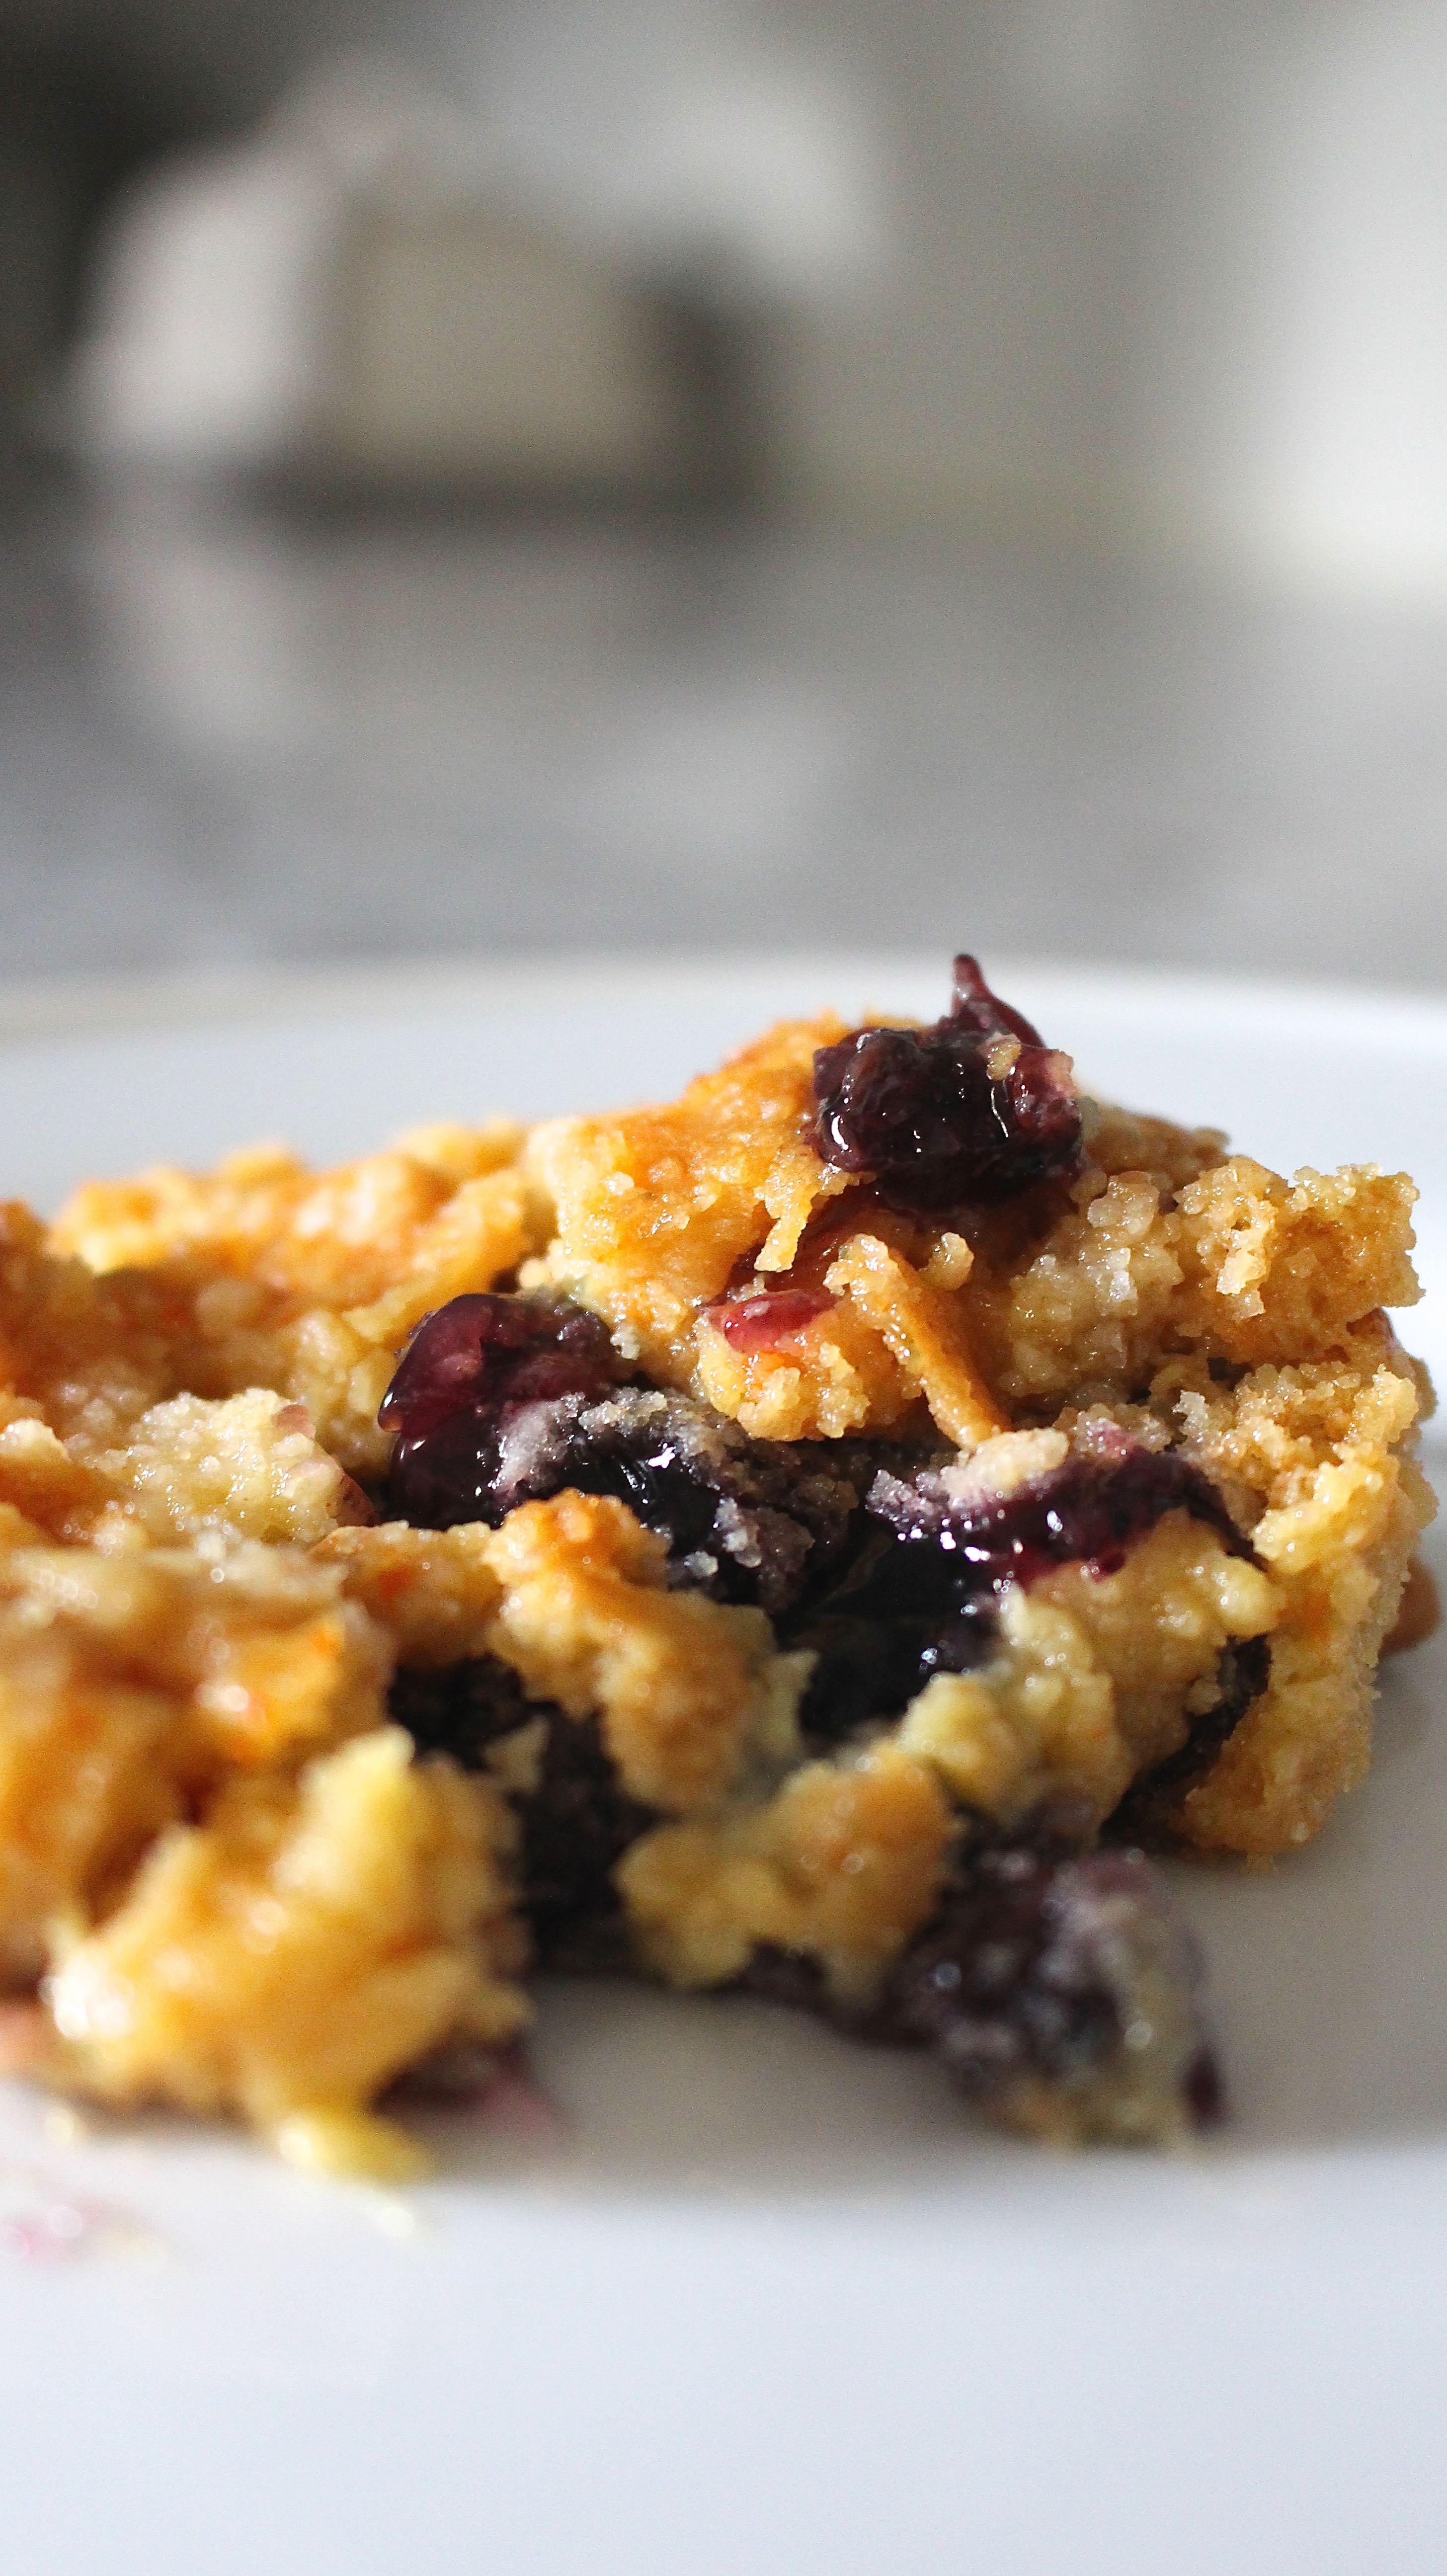 Easy Dessert Recipe – Dump Cake